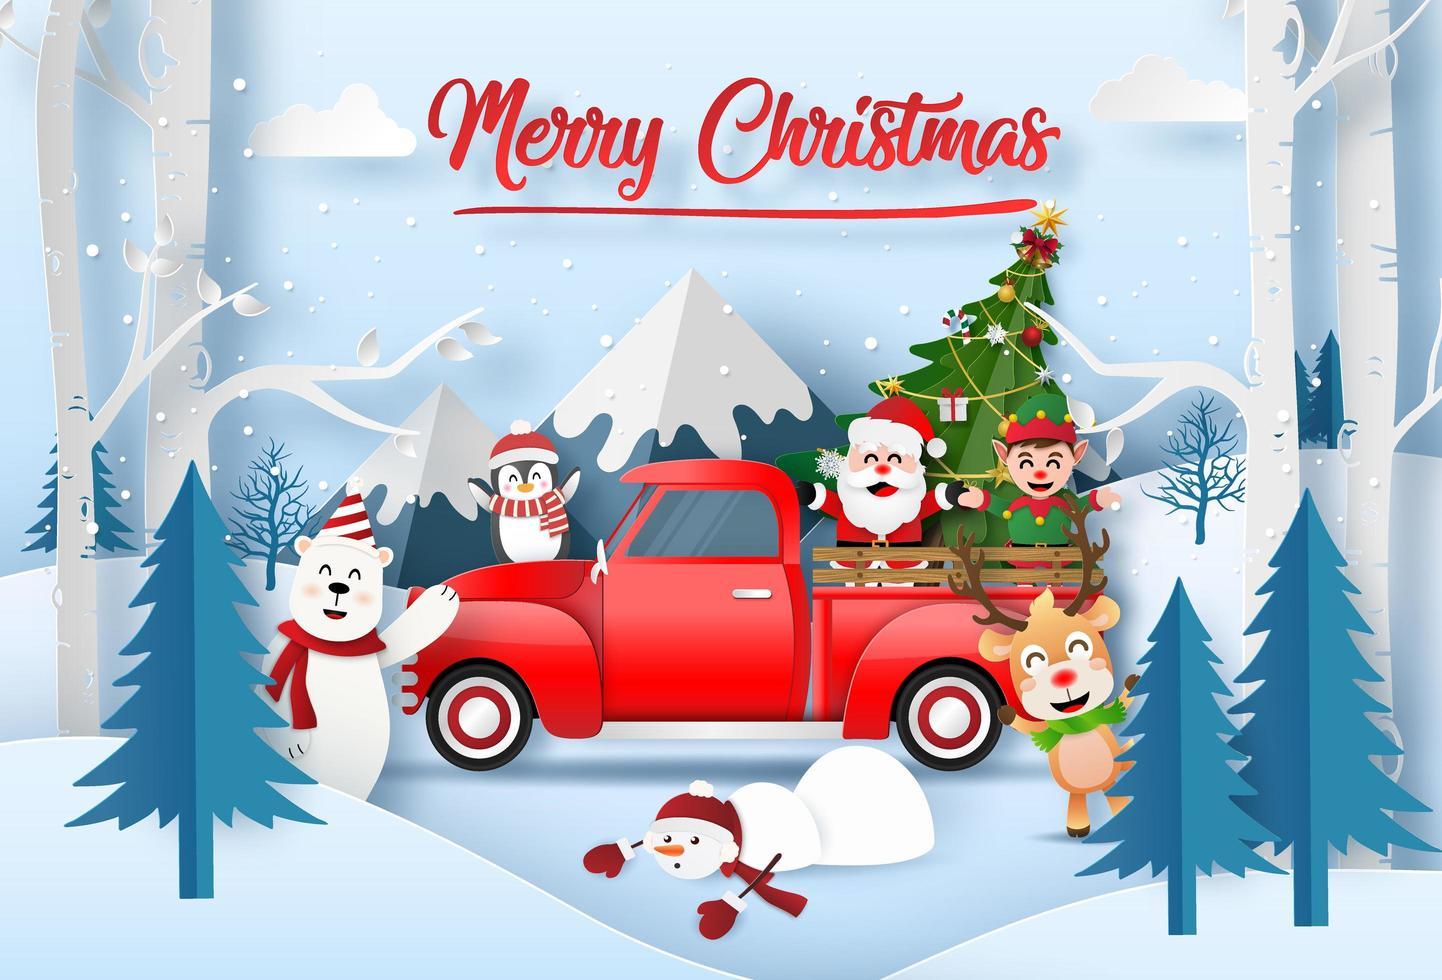 arte di carta origami di Babbo Natale con un amico festeggia per Natale in montagna con camion rosso vettore